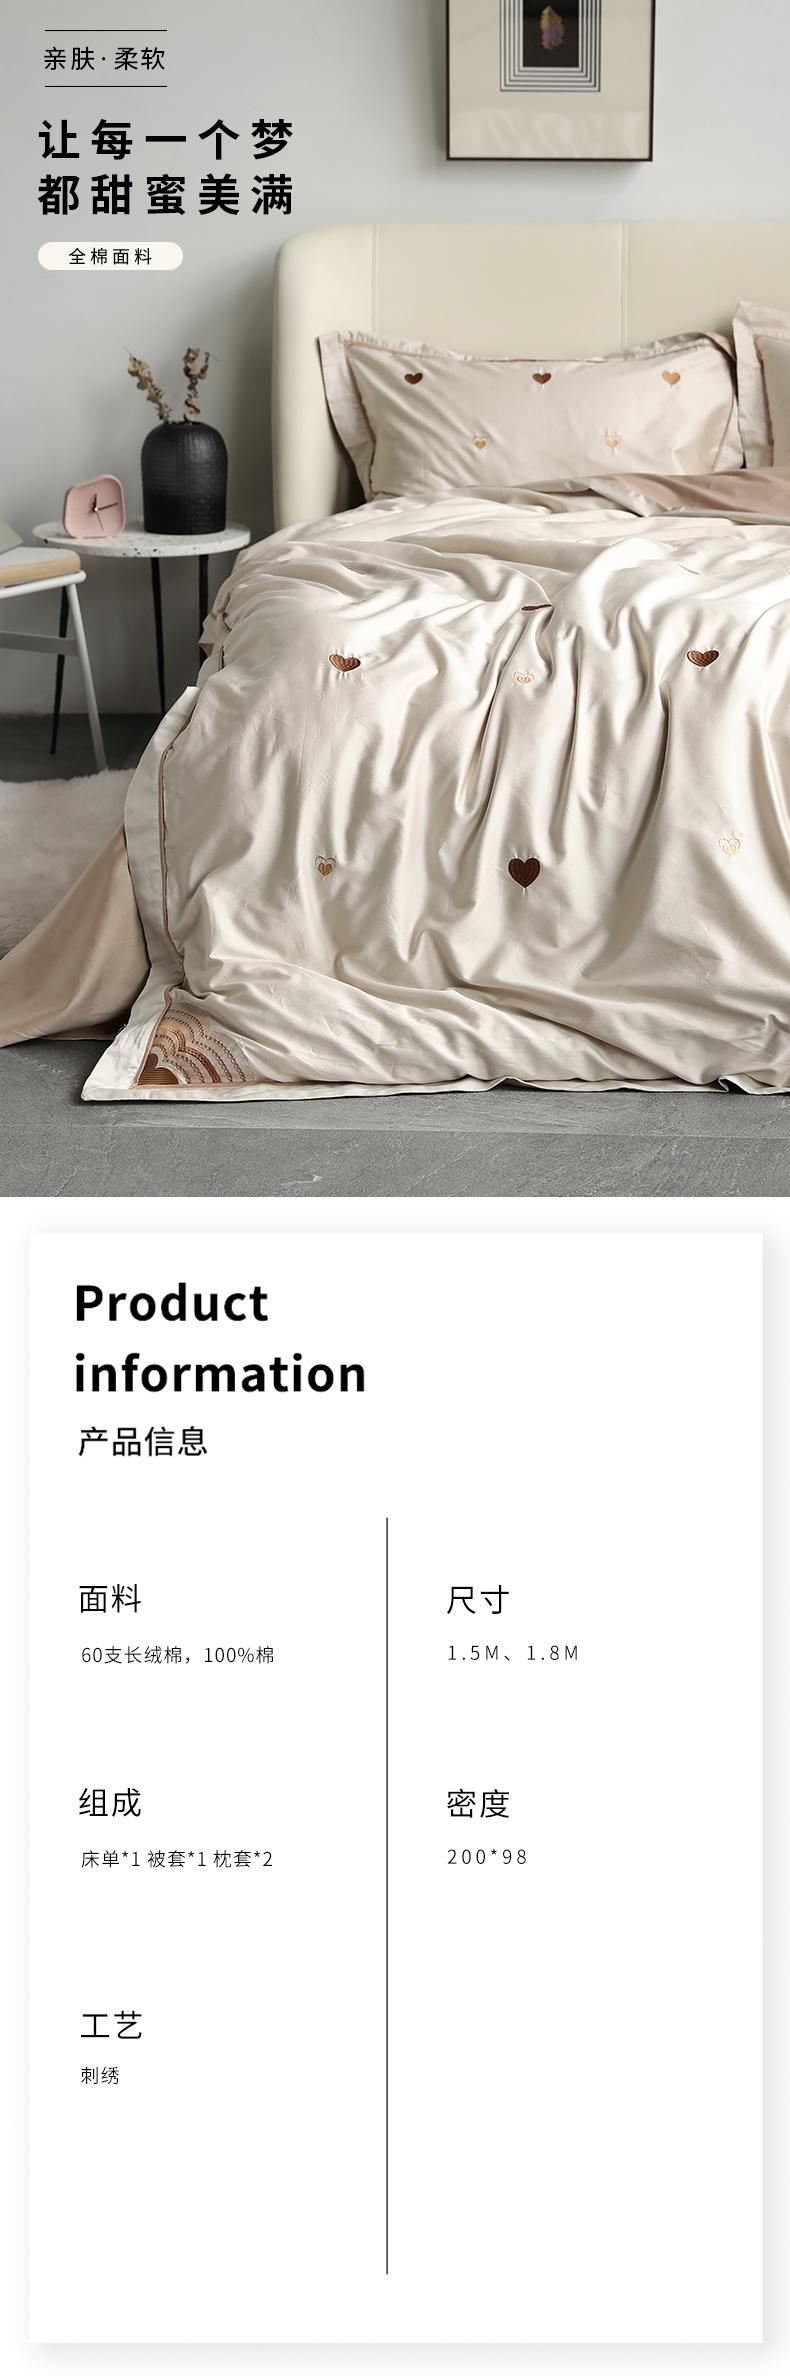 巷子戏法北欧刺绣四件式床组全棉被套纯棉少女长绒棉床上用品详细照片